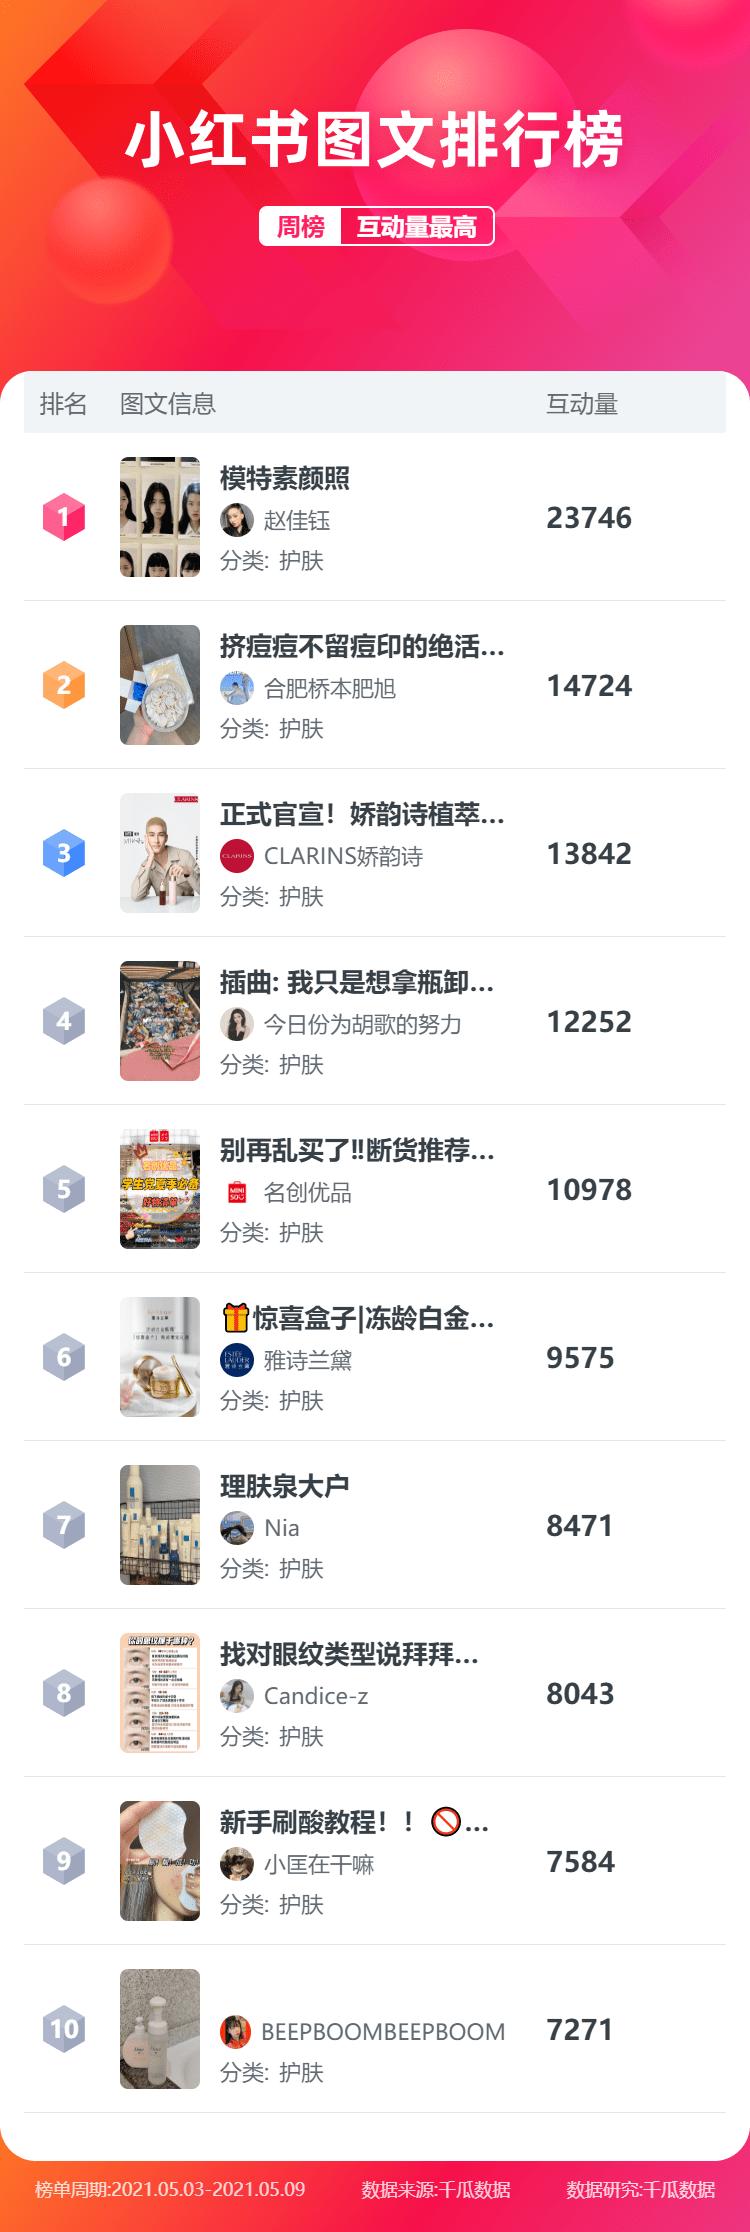 """月第1周!小红书排行榜新鲜出炉"""""""